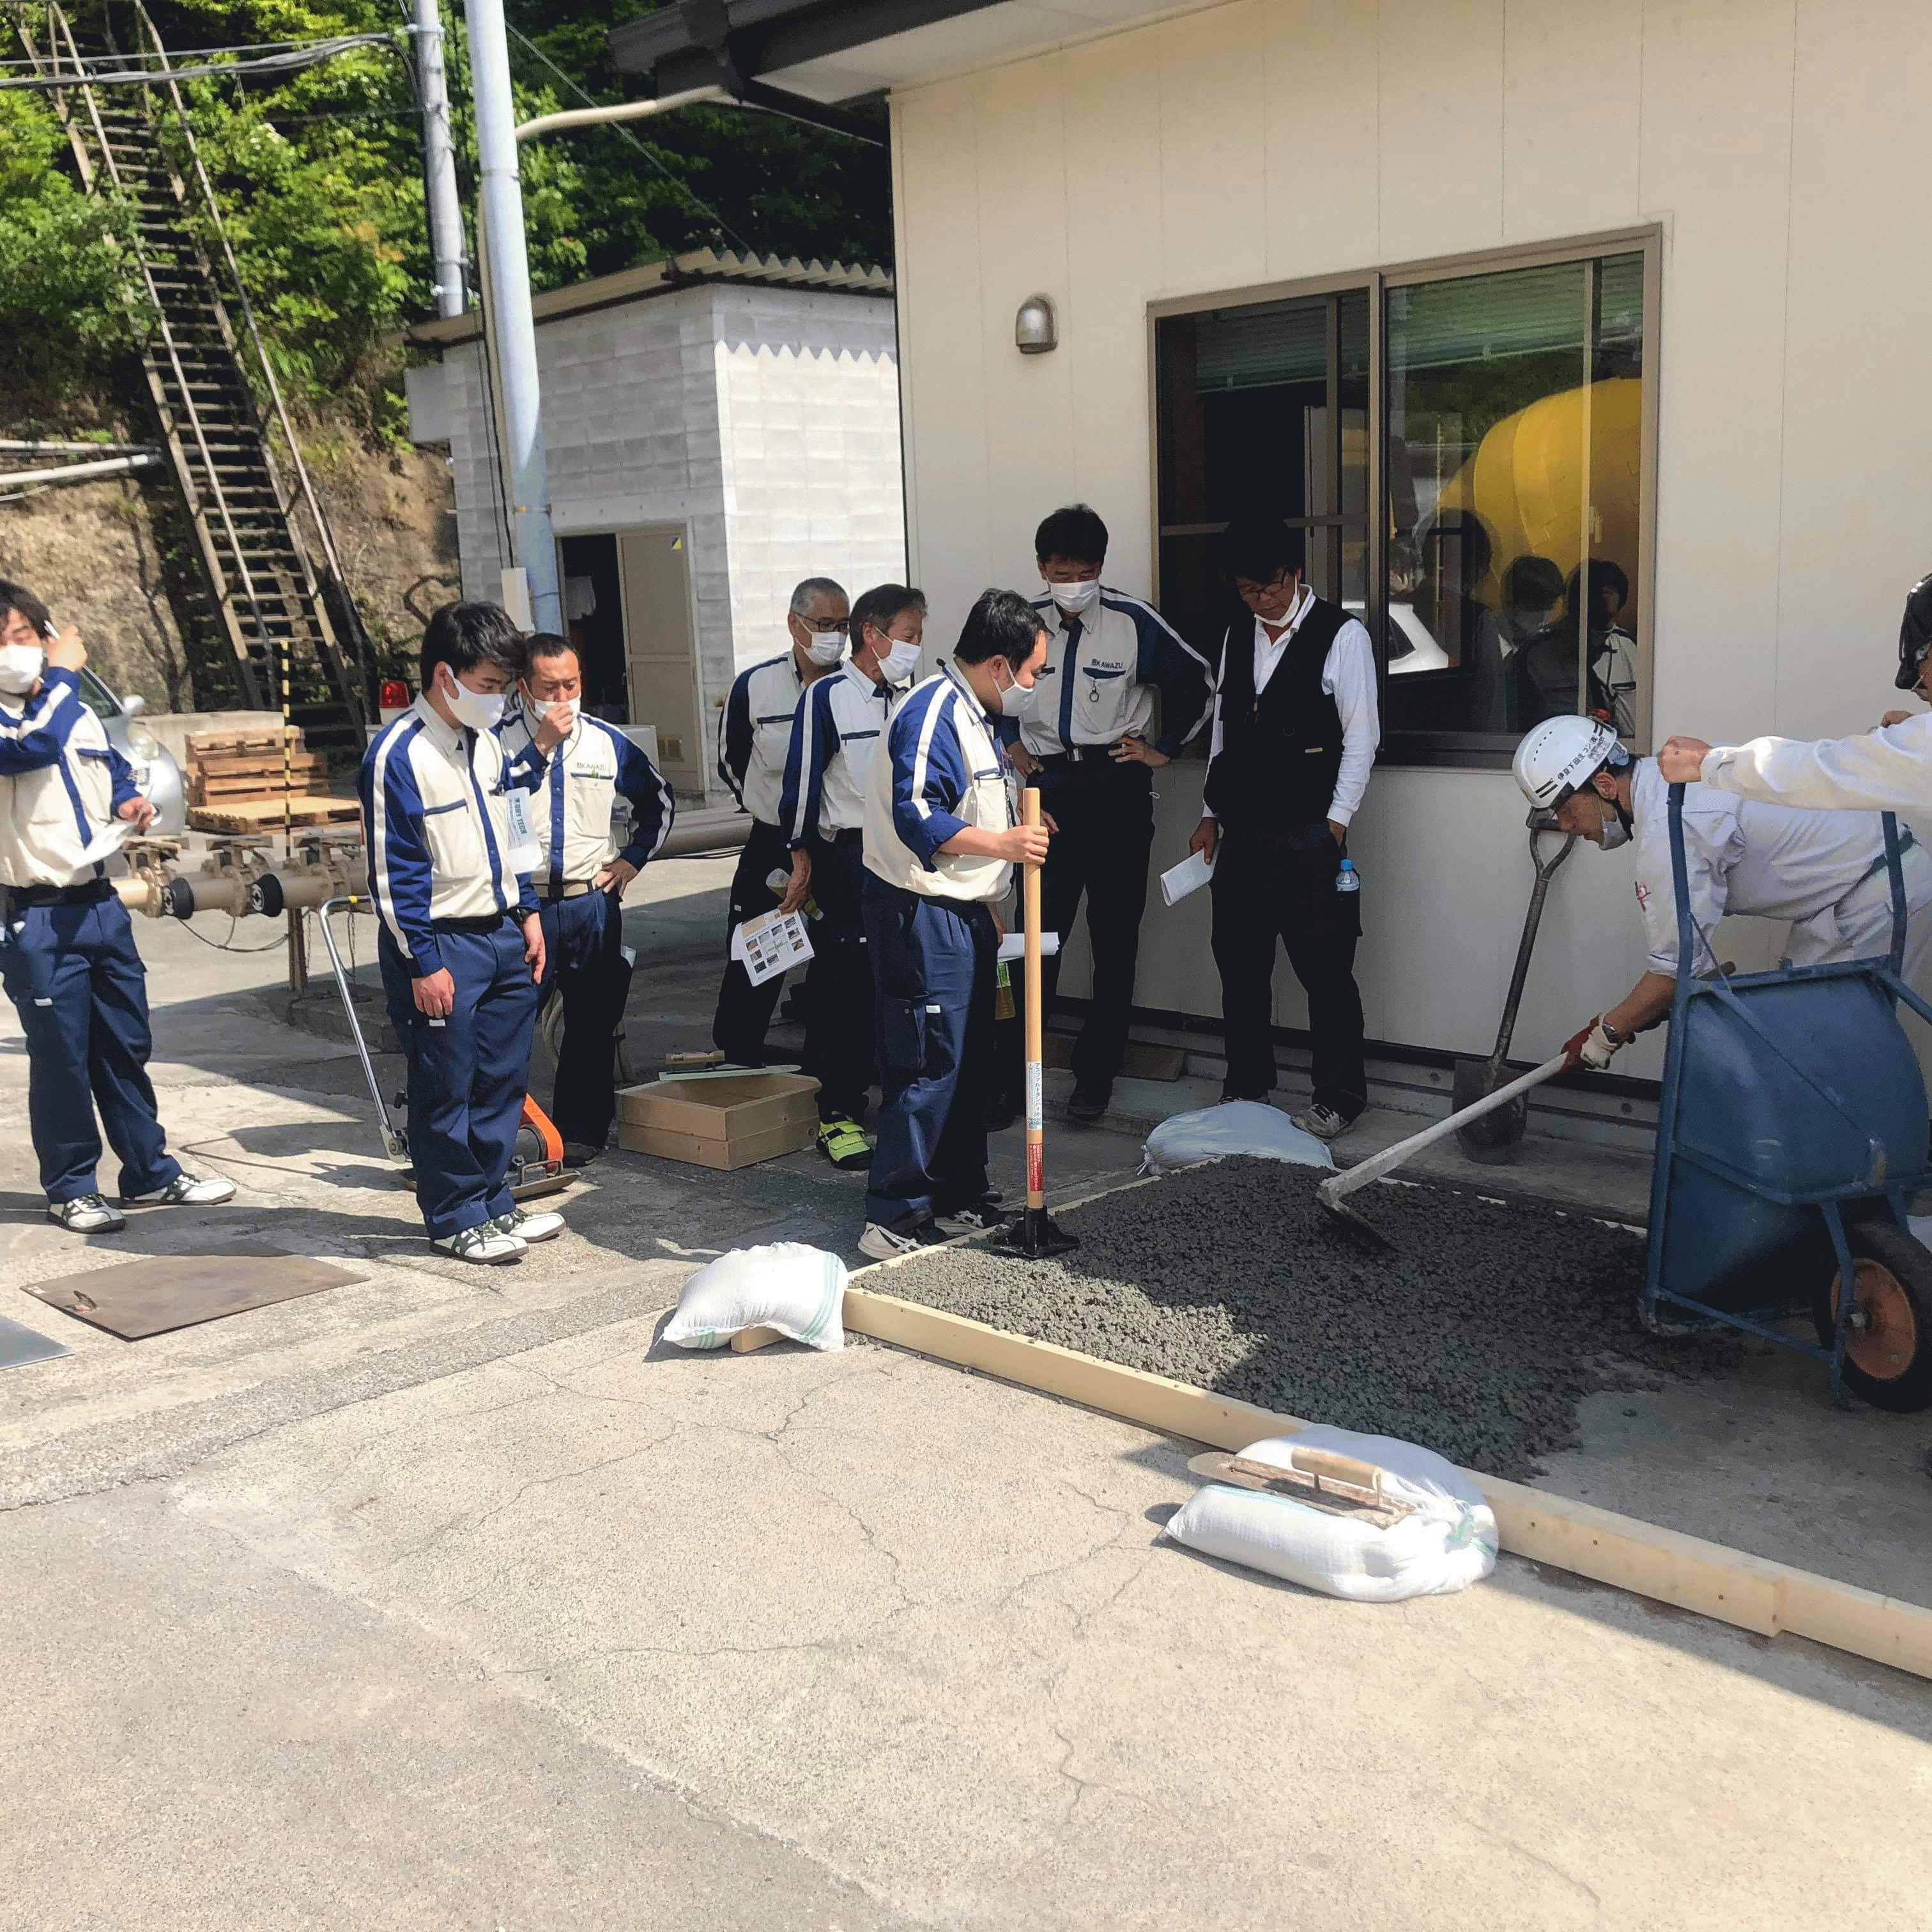 【静岡】「《自らの意志で》そのコンクリートを製造し、取引先顧客に届けている」伊豆下田生コン